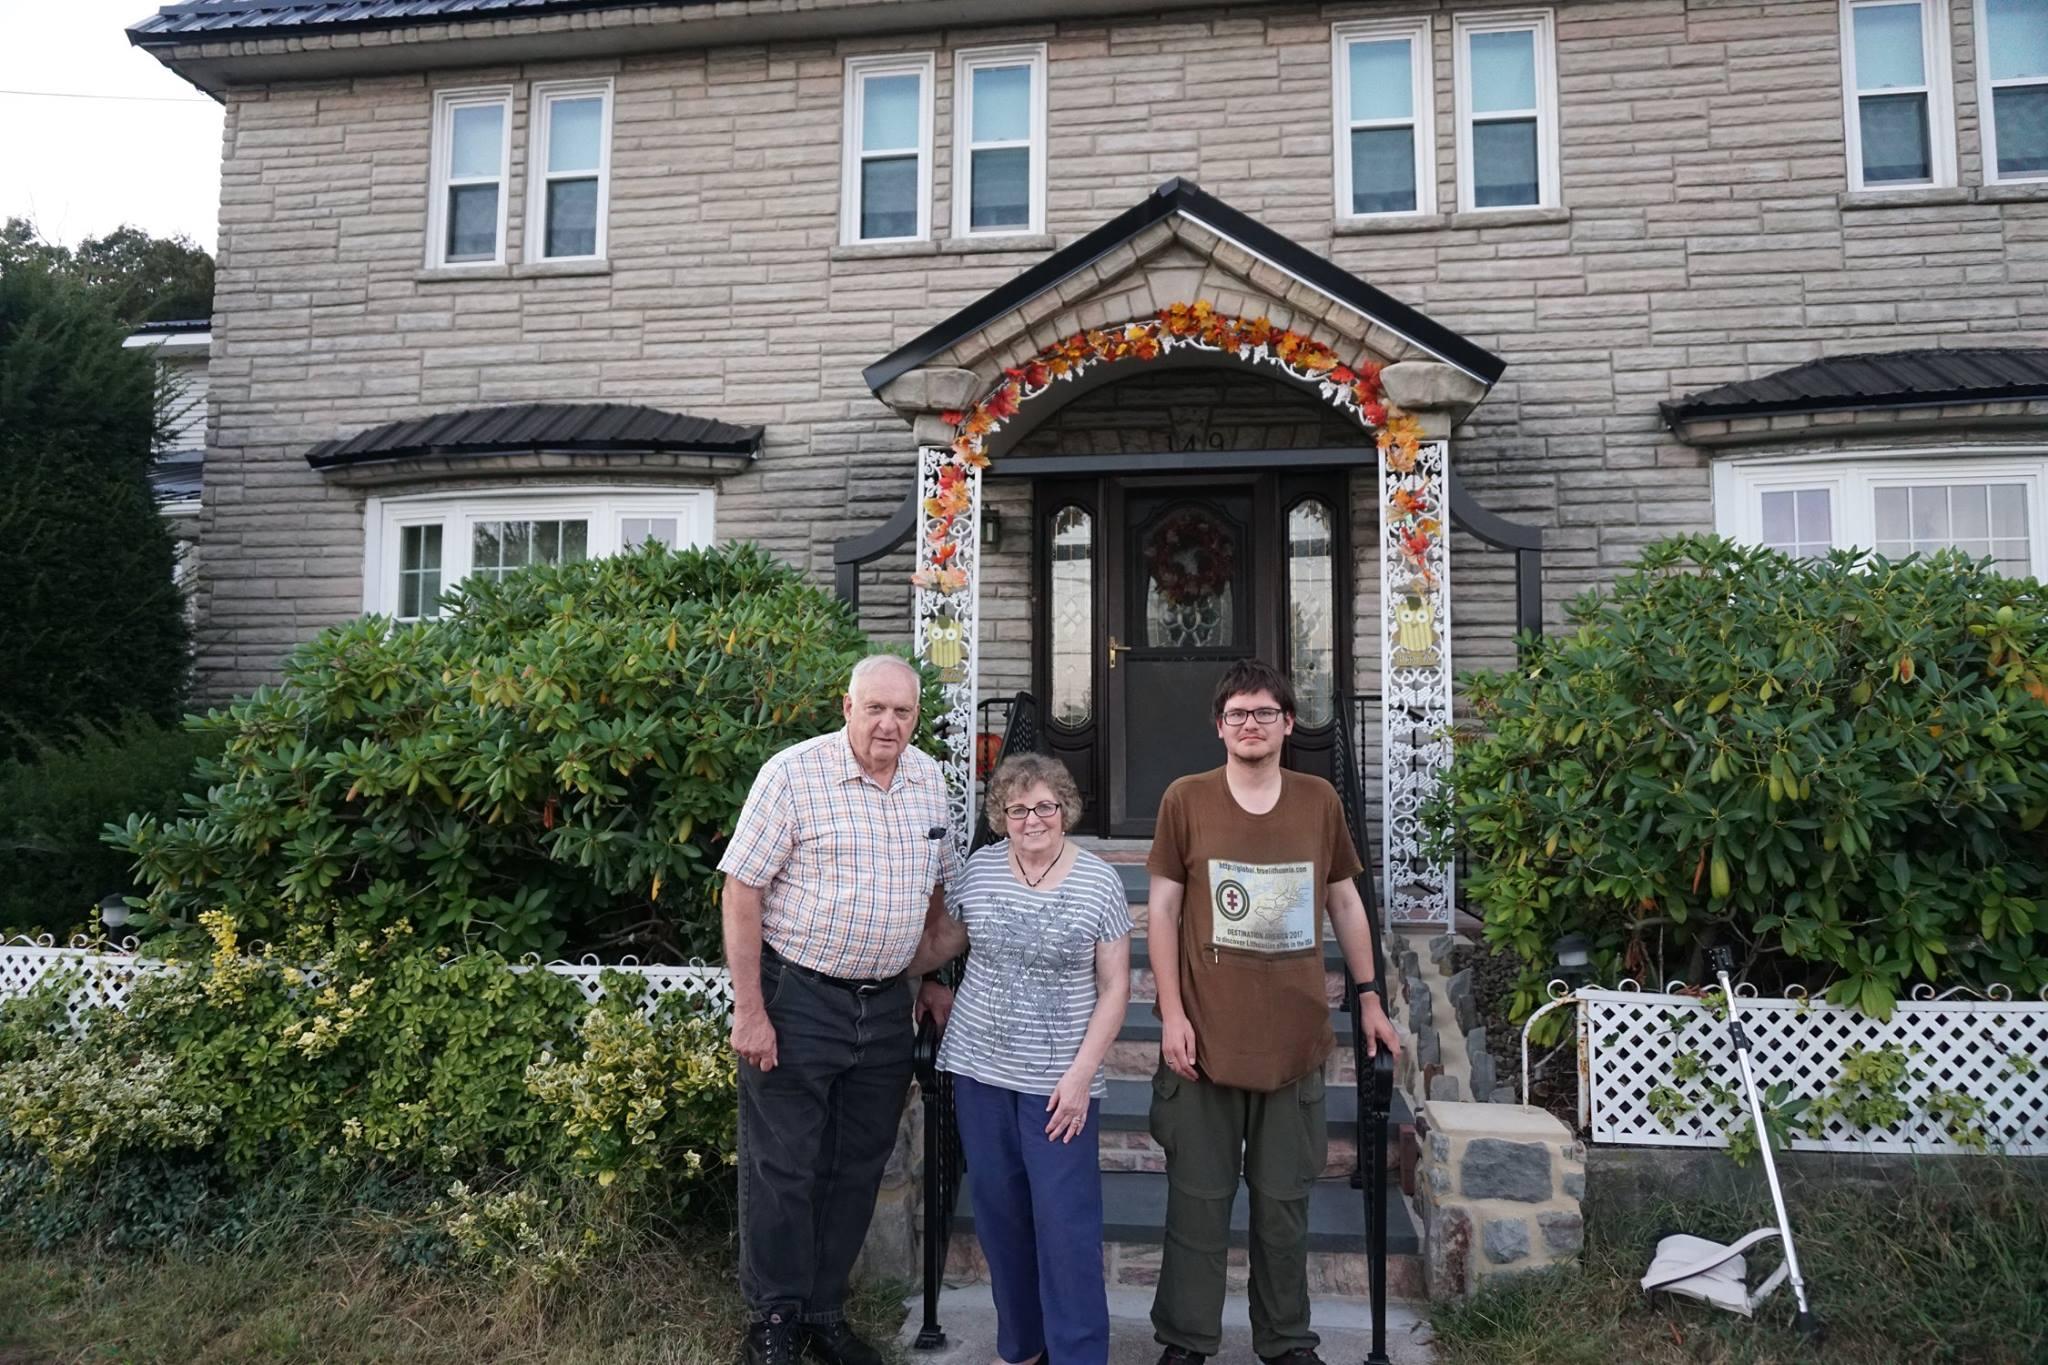 Jim ir Dot Setcavage šeima Augustinui Žemaičiui (d.) papasakojo apie lietuviškų pavardžių asimiliavimą regione.